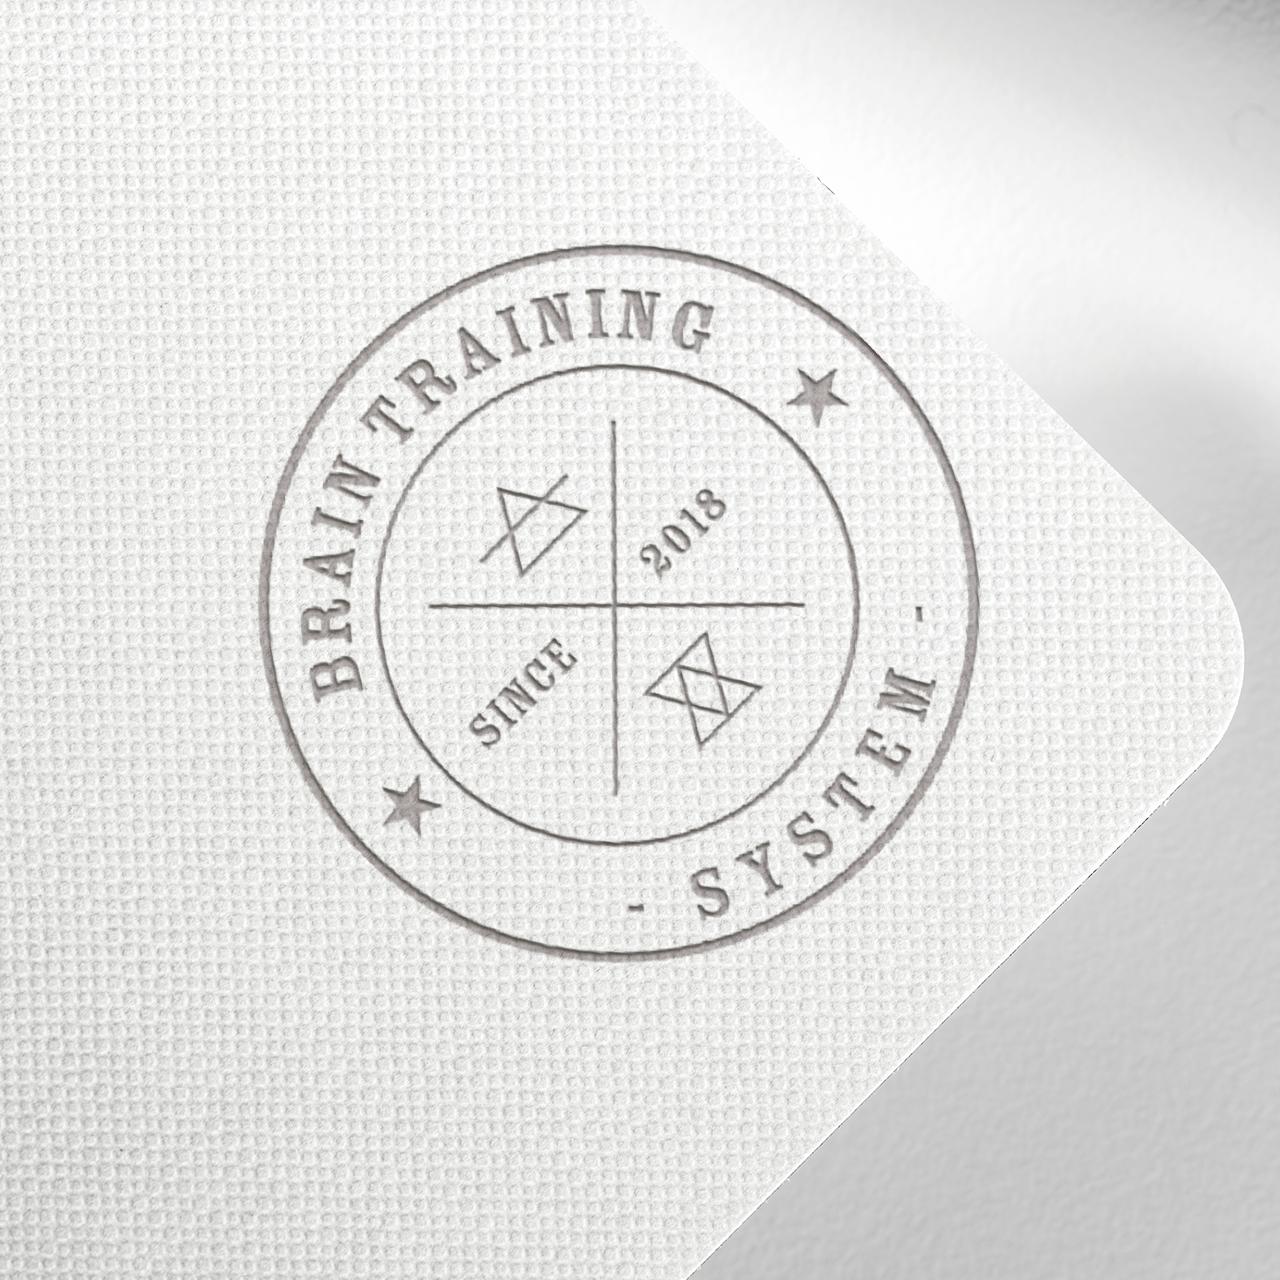 logo brain traing system zaprojektowane przez css-create.pl